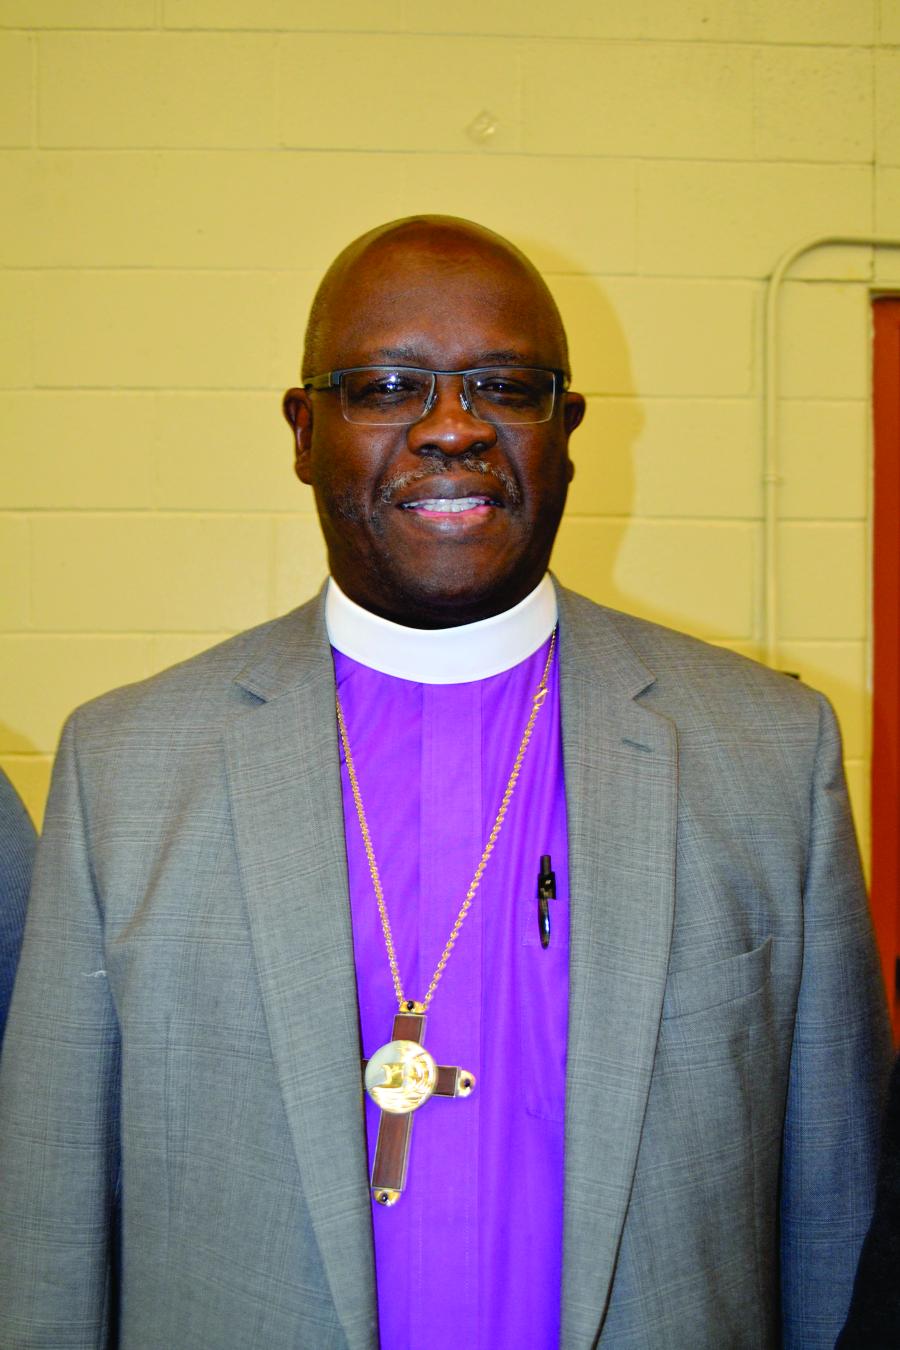 Bishop Berkley